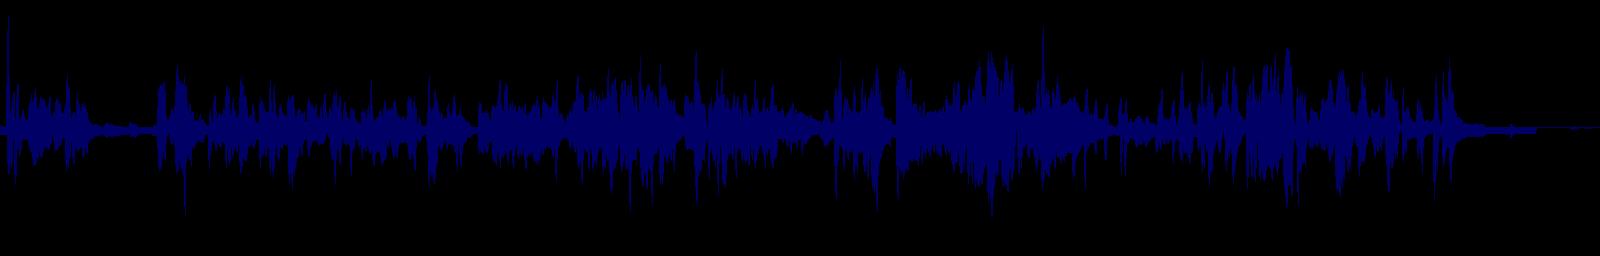 waveform of track #144432